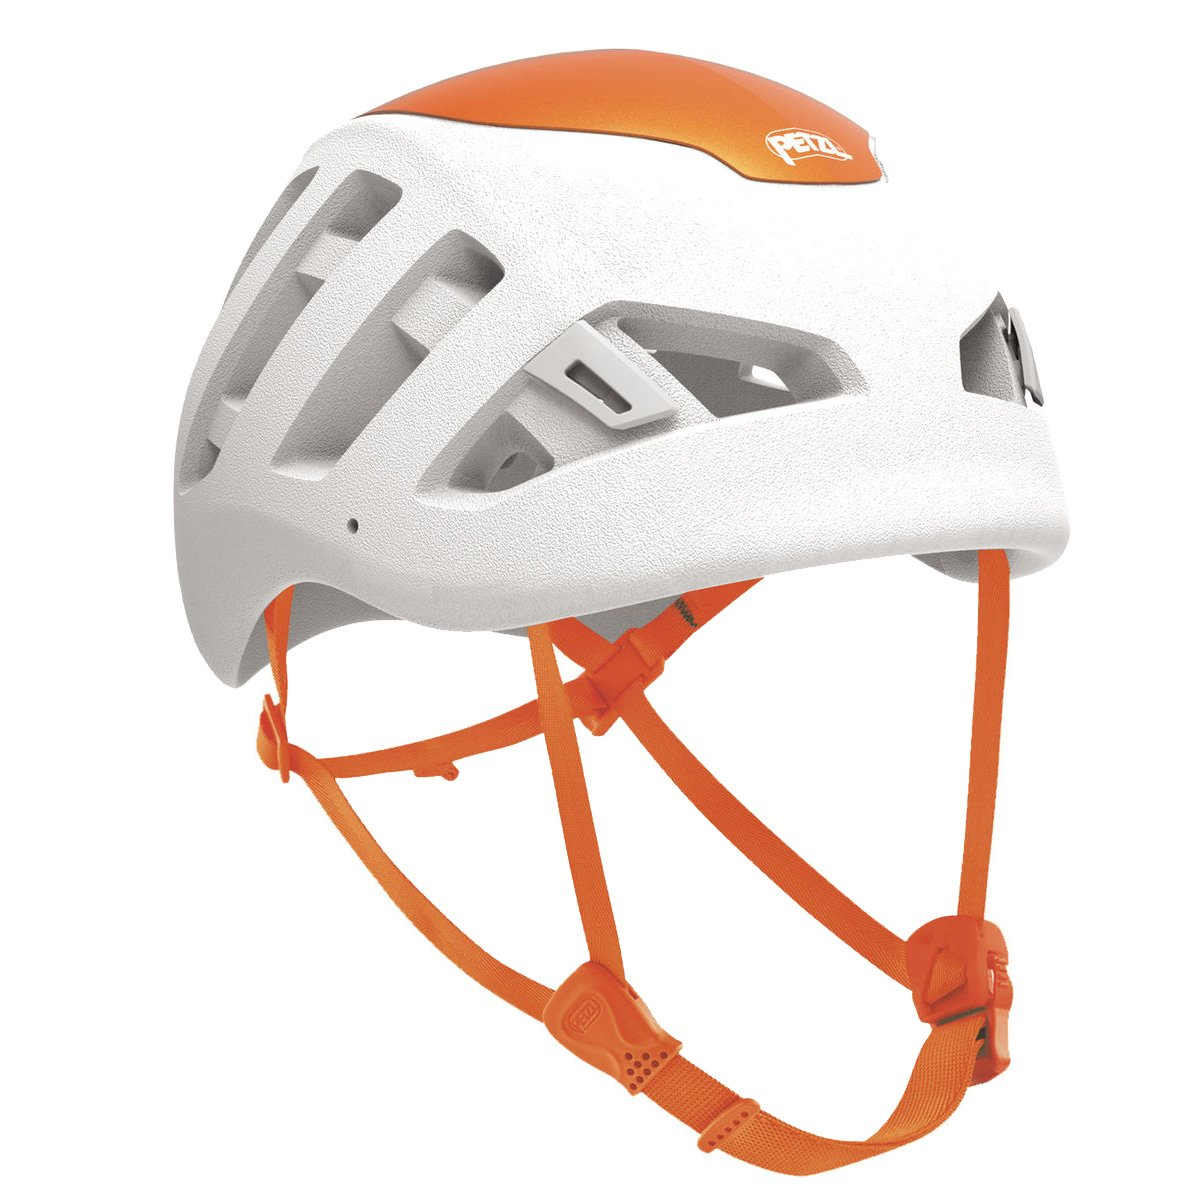 PETZL Unisex– Erwachsene Sirocco Kopfschutz, Weiß/Orange, M/L